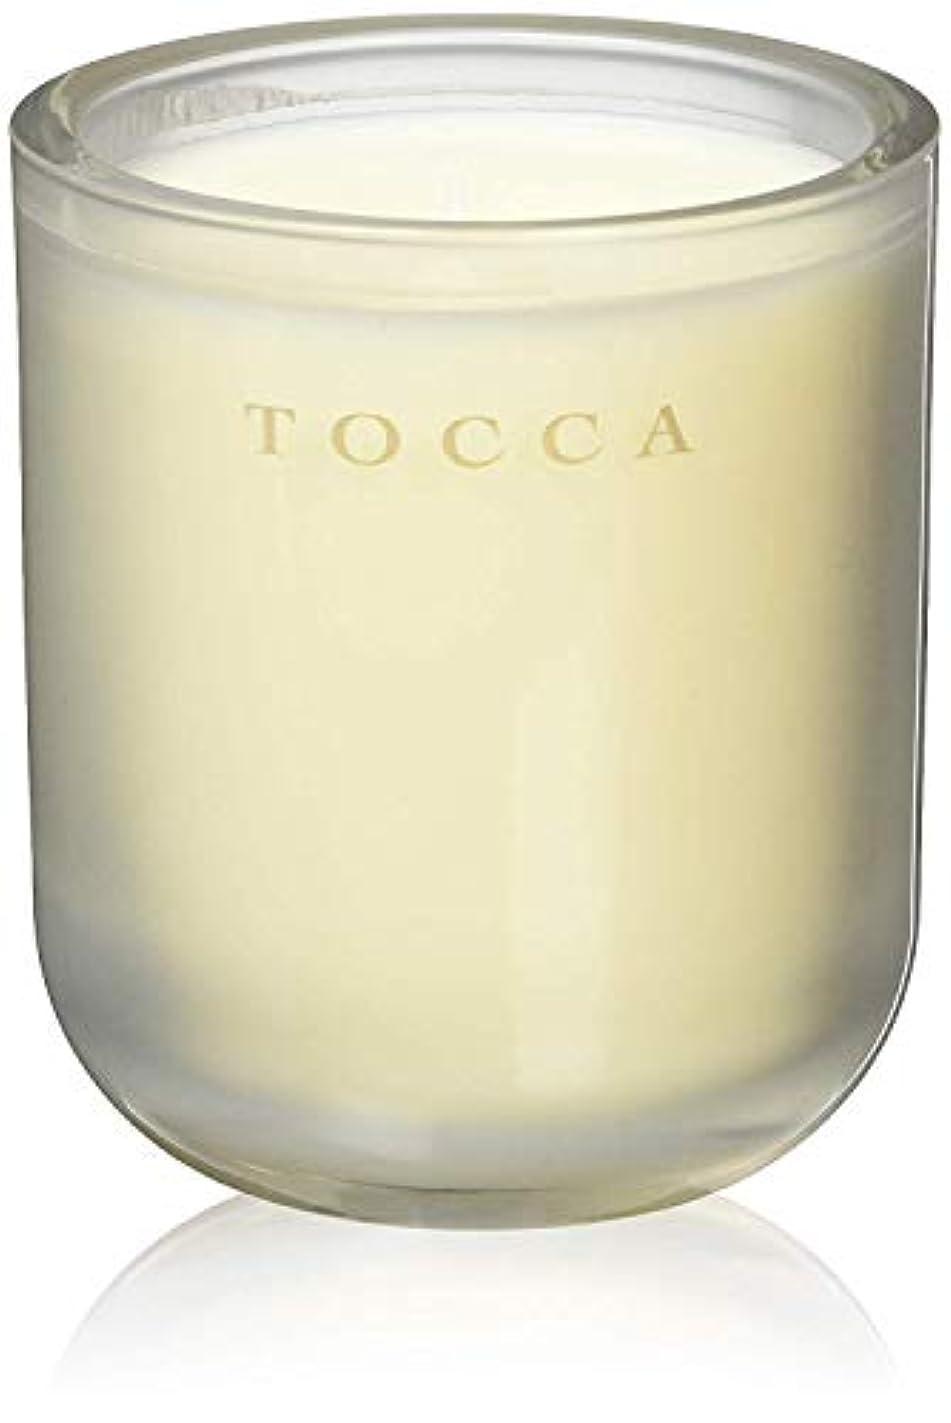 ツール分析する舗装するTOCCA(トッカ) ボヤージュ キャンドル バレンシア 287g (ろうそく 芳香 オレンジとベルガモットのフレッシュシトラスな香り)